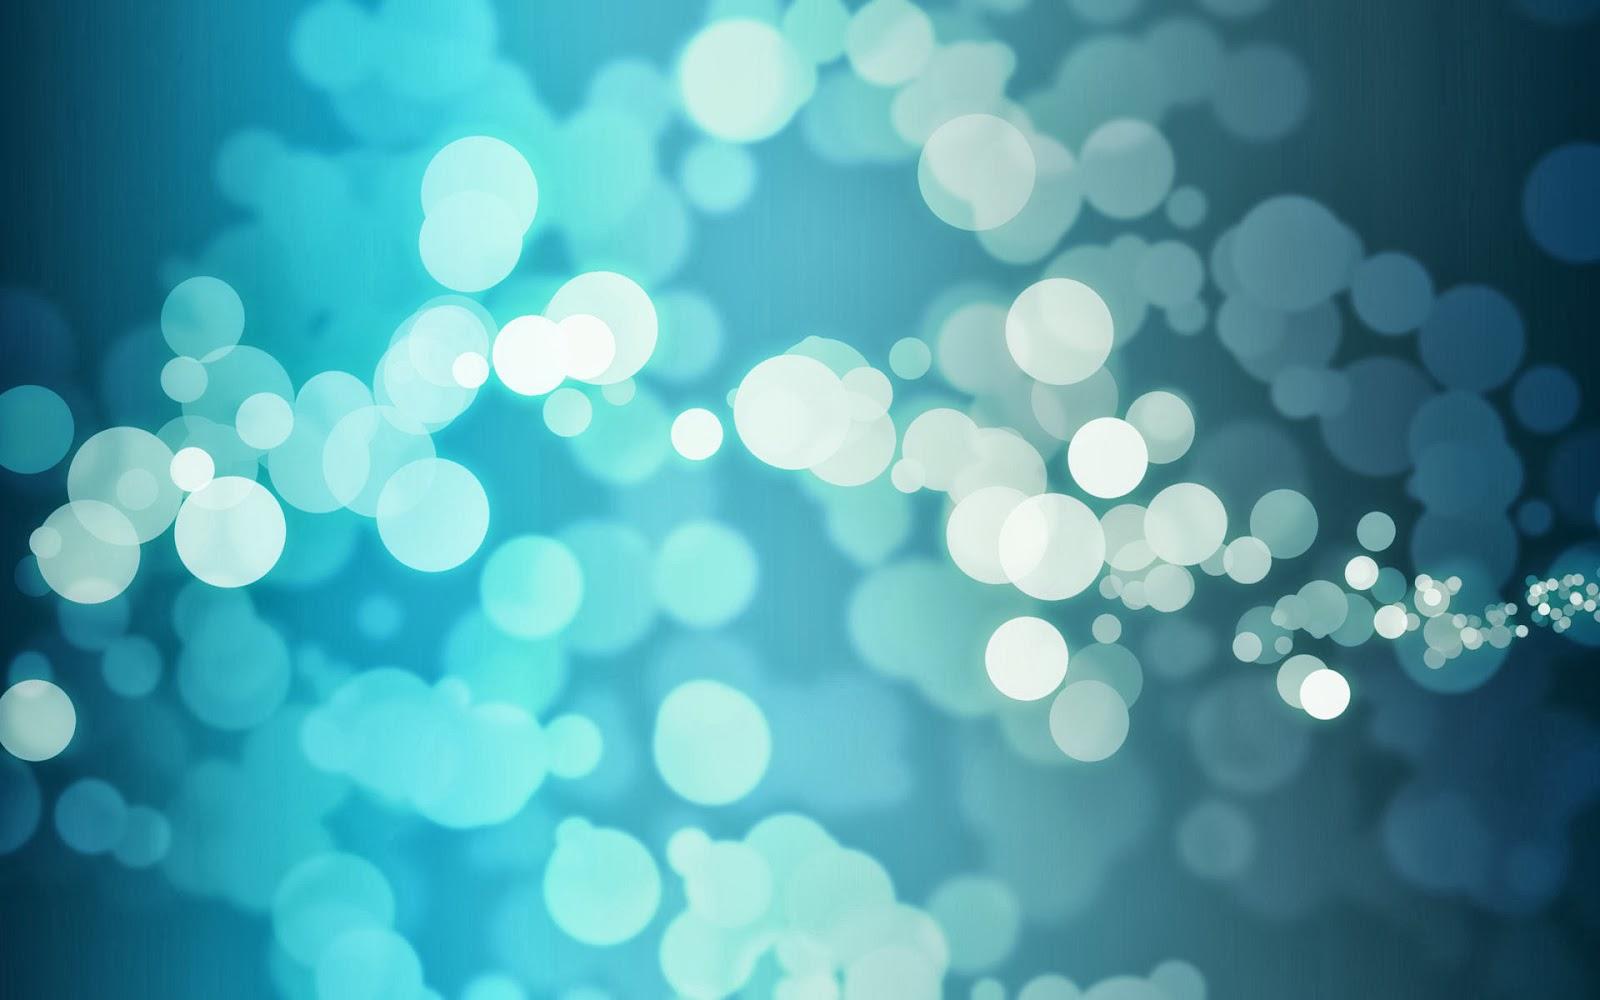 Fondo De Pantalla Abstracto Bolas Azules: Imagenes Para Descargar Y Wallpapers: Fondo De Pantalla